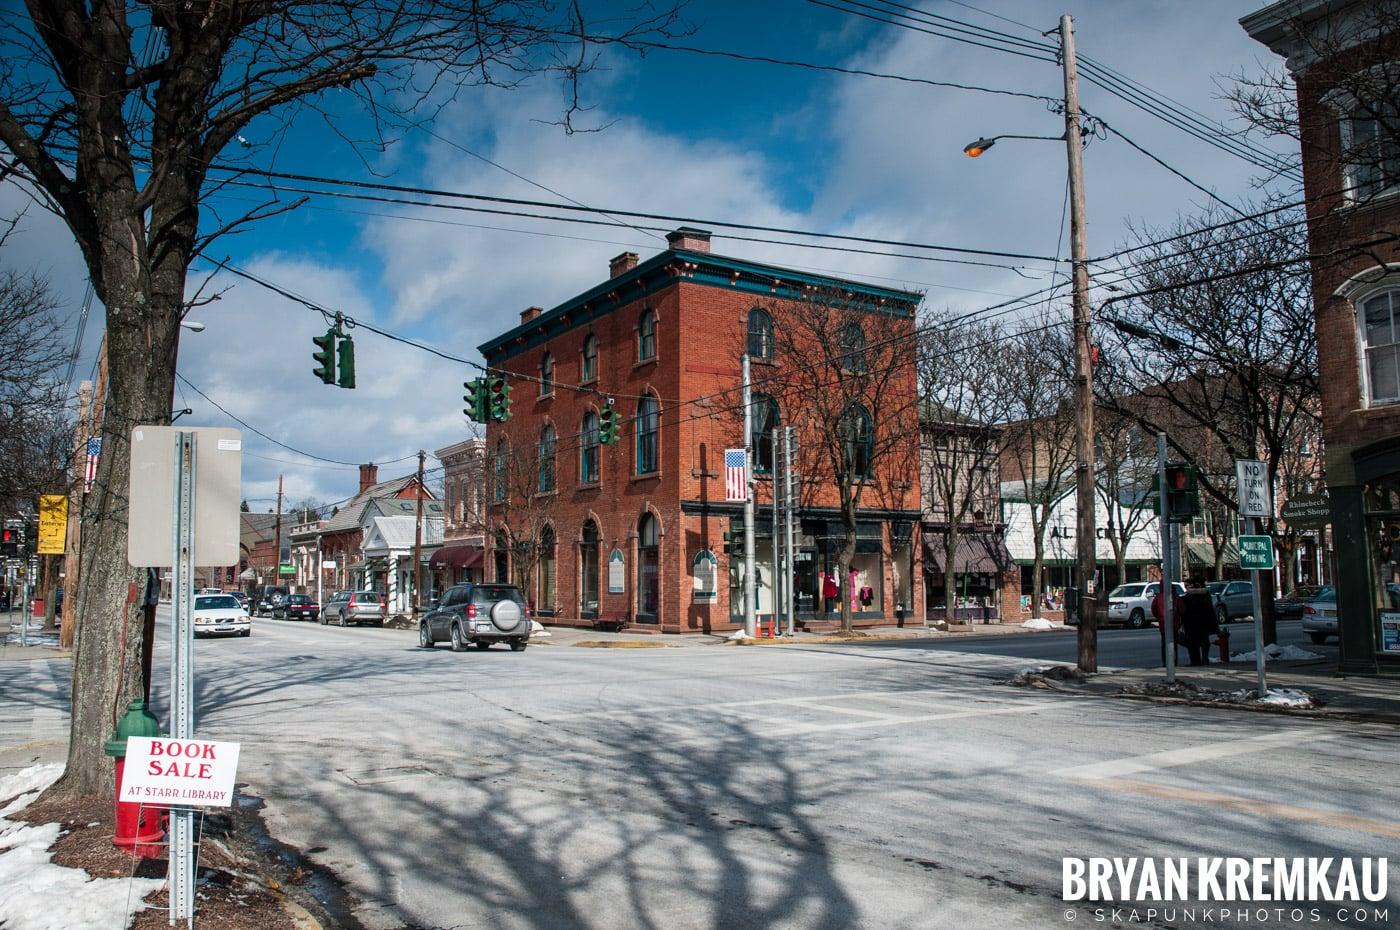 Valentine's Day Trip @ Rhinebeck, FDR's Home, Vanderbilt, Wilderstein Historic Site, NY - 2.14.10 (62)